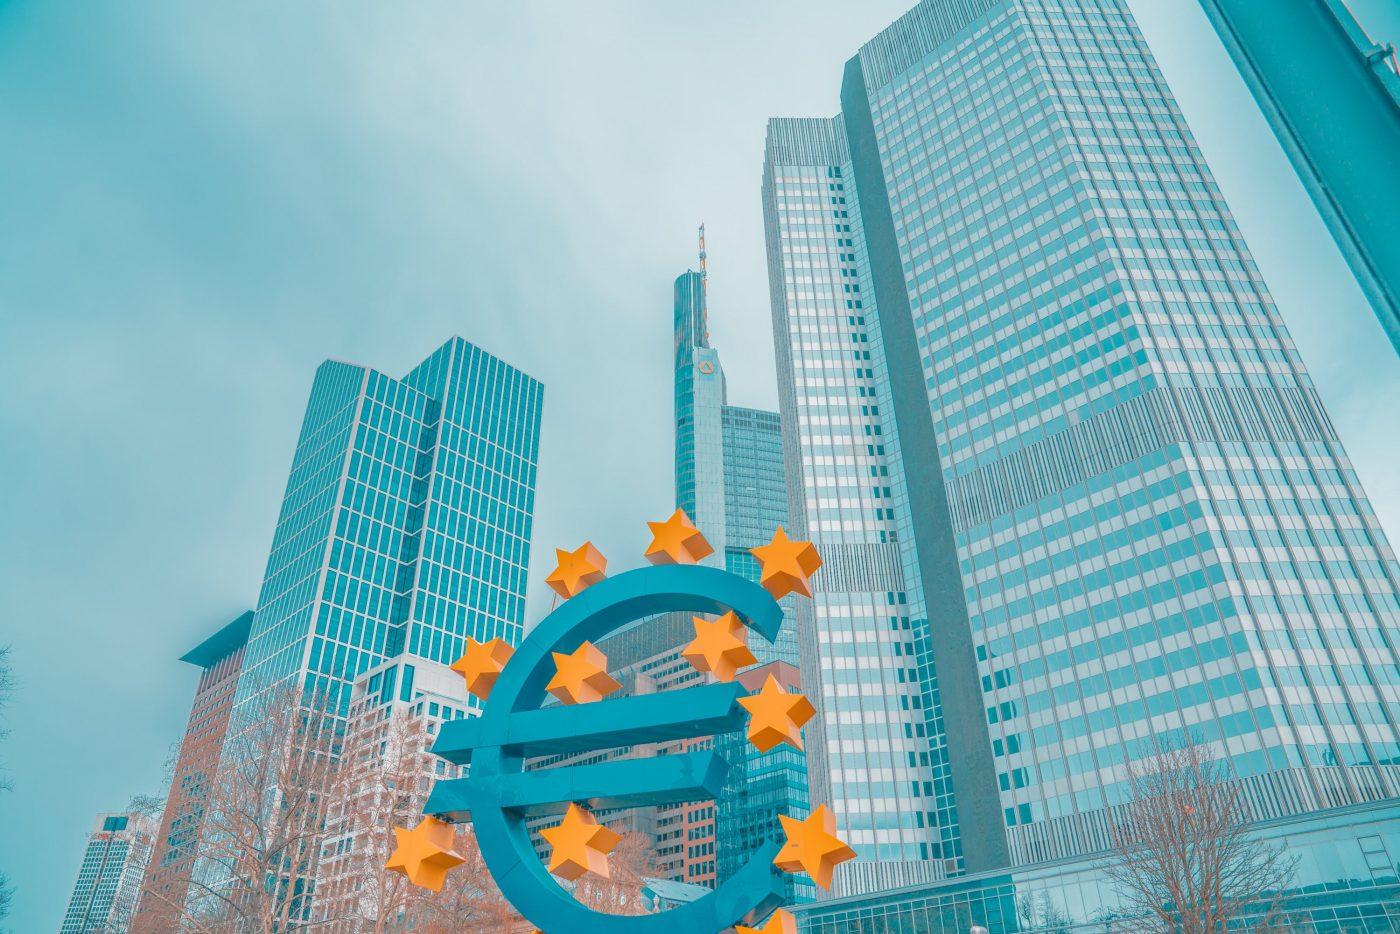 ここまで、時価総額で現在ドイツ第2位のユニコーンスタートアップN26の成長の軌跡を見て来た。ドイツのスタートアップだから実現出来たのであり、日本のスタートアップが真似することは難しいという取組みも、少なくないだろう。